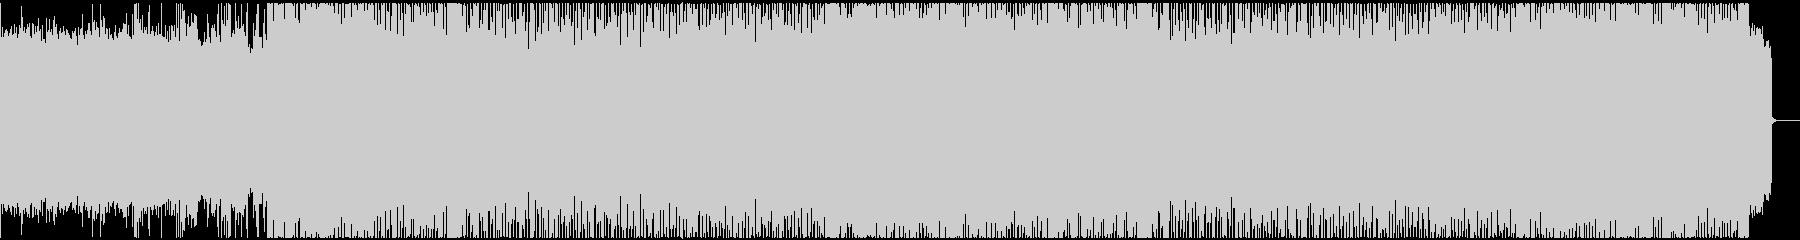 アツいリードと迫力のパワーメタル系BGMの未再生の波形